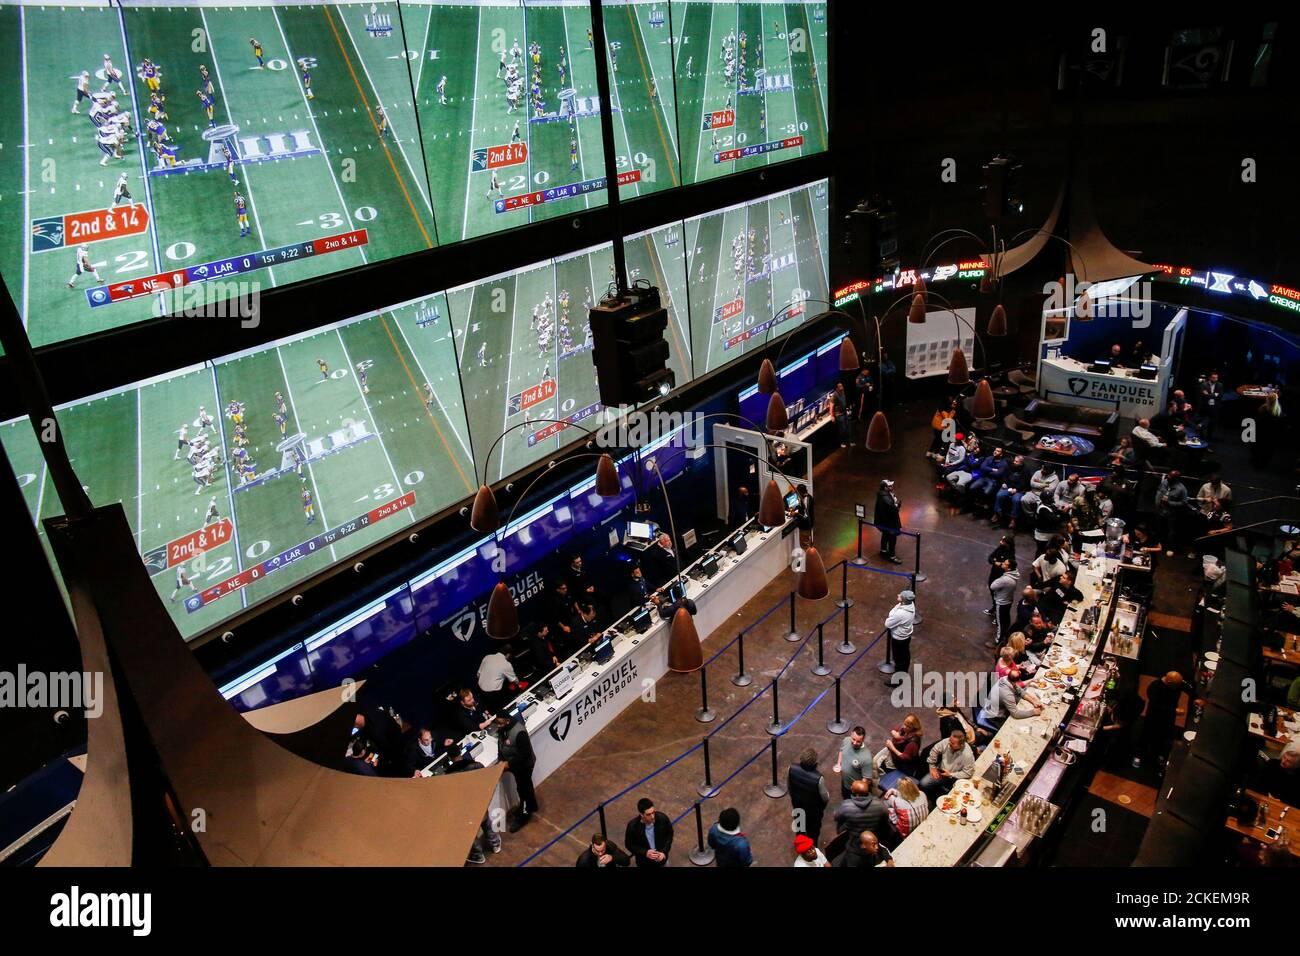 Le persone fanno le loro scommesse al FANDUEL sportsbook durante il Super Bowl LIII a East Rutherford, New Jersey, Stati Uniti, 3 febbraio 2019. REUTERS/Eduardo Munoz Foto Stock